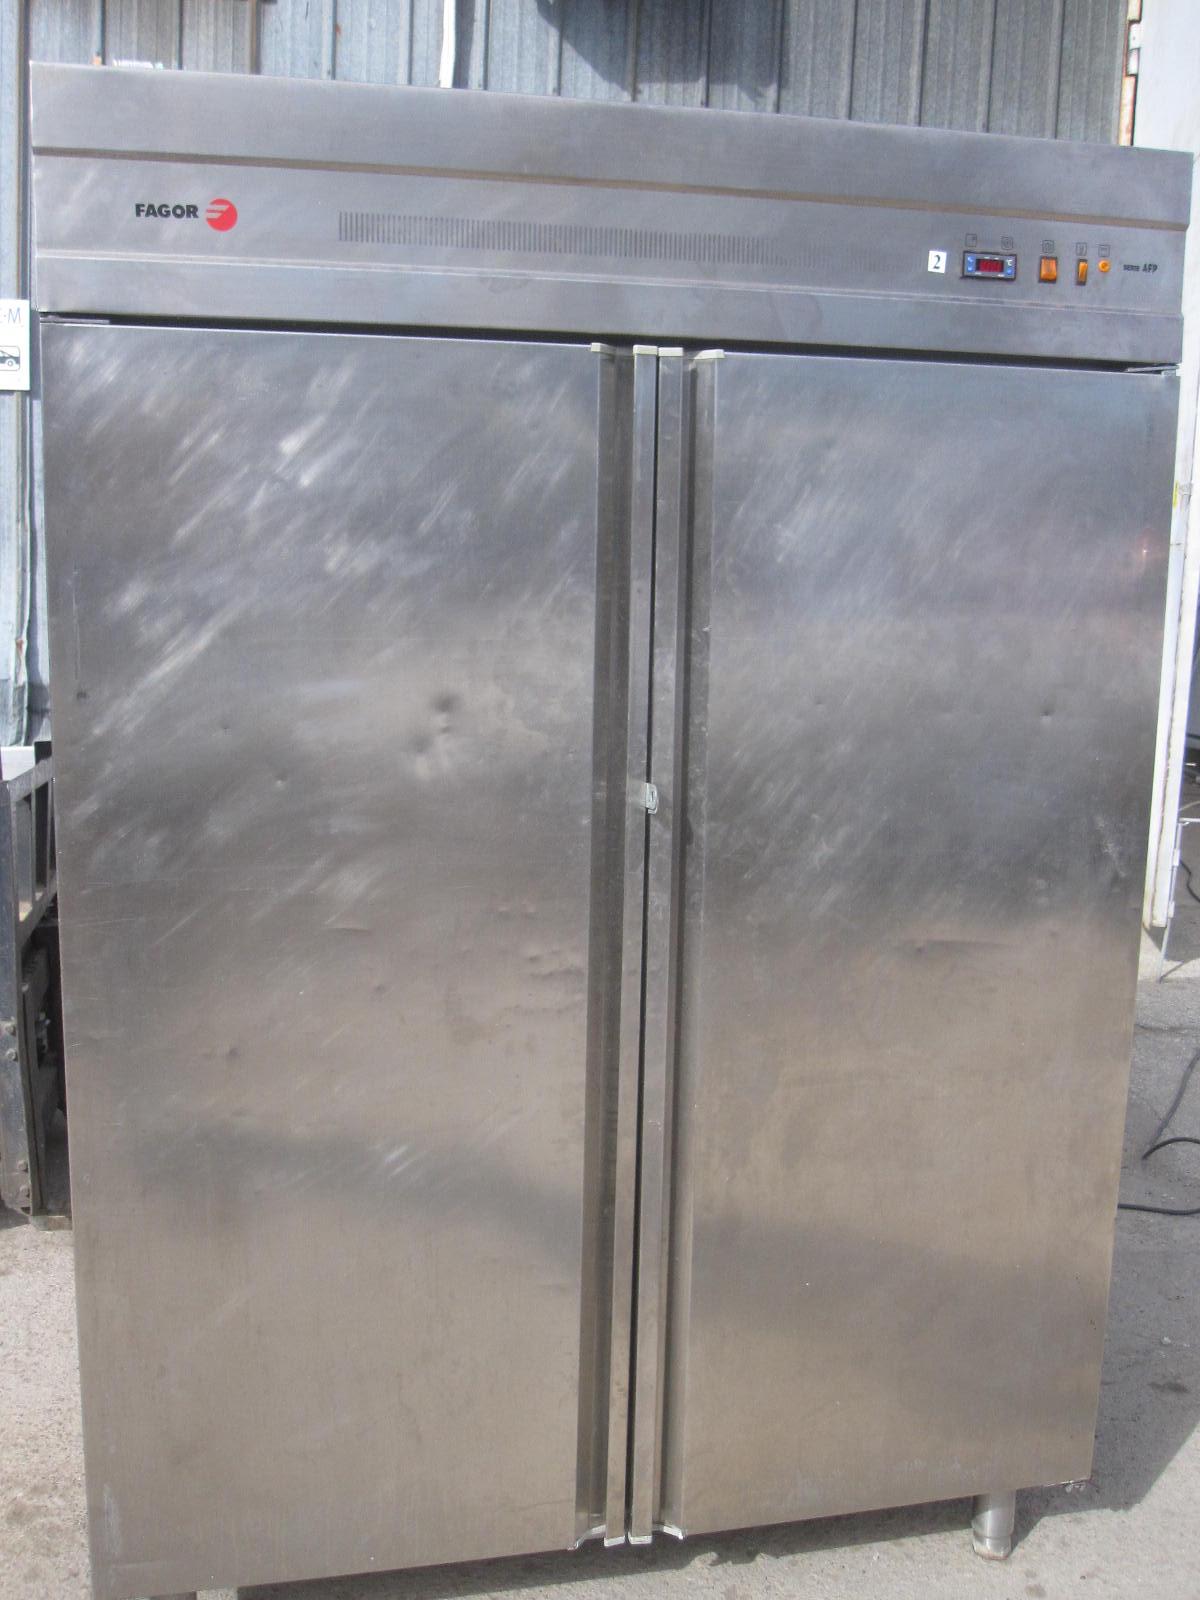 b9009b2220c RST külmik Fagor AFP160 - Kreutz OÜ - Külmseadmed ja suurköögiseadmed